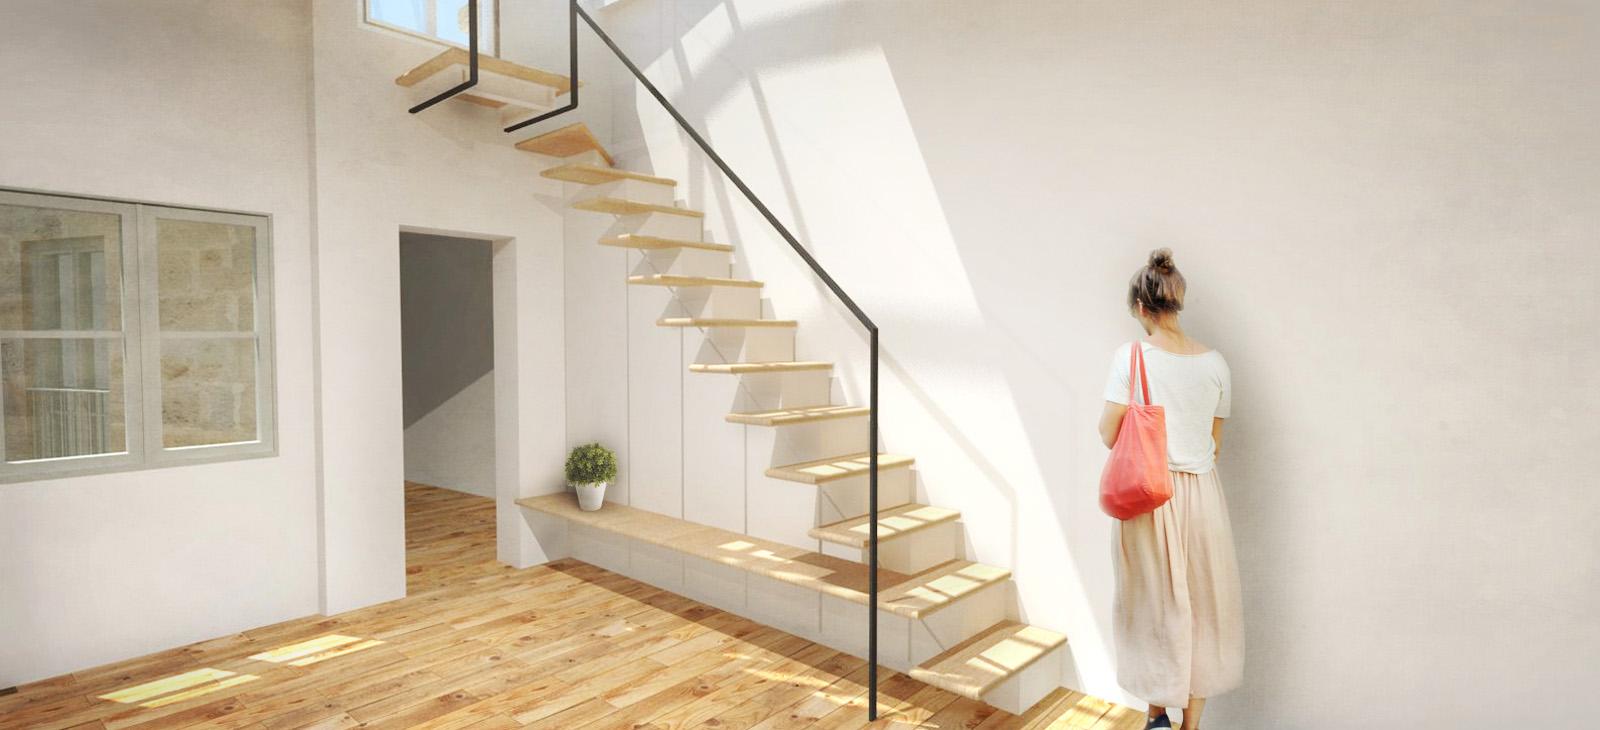 réhabilitation et surélévation création d'un meuble escalier